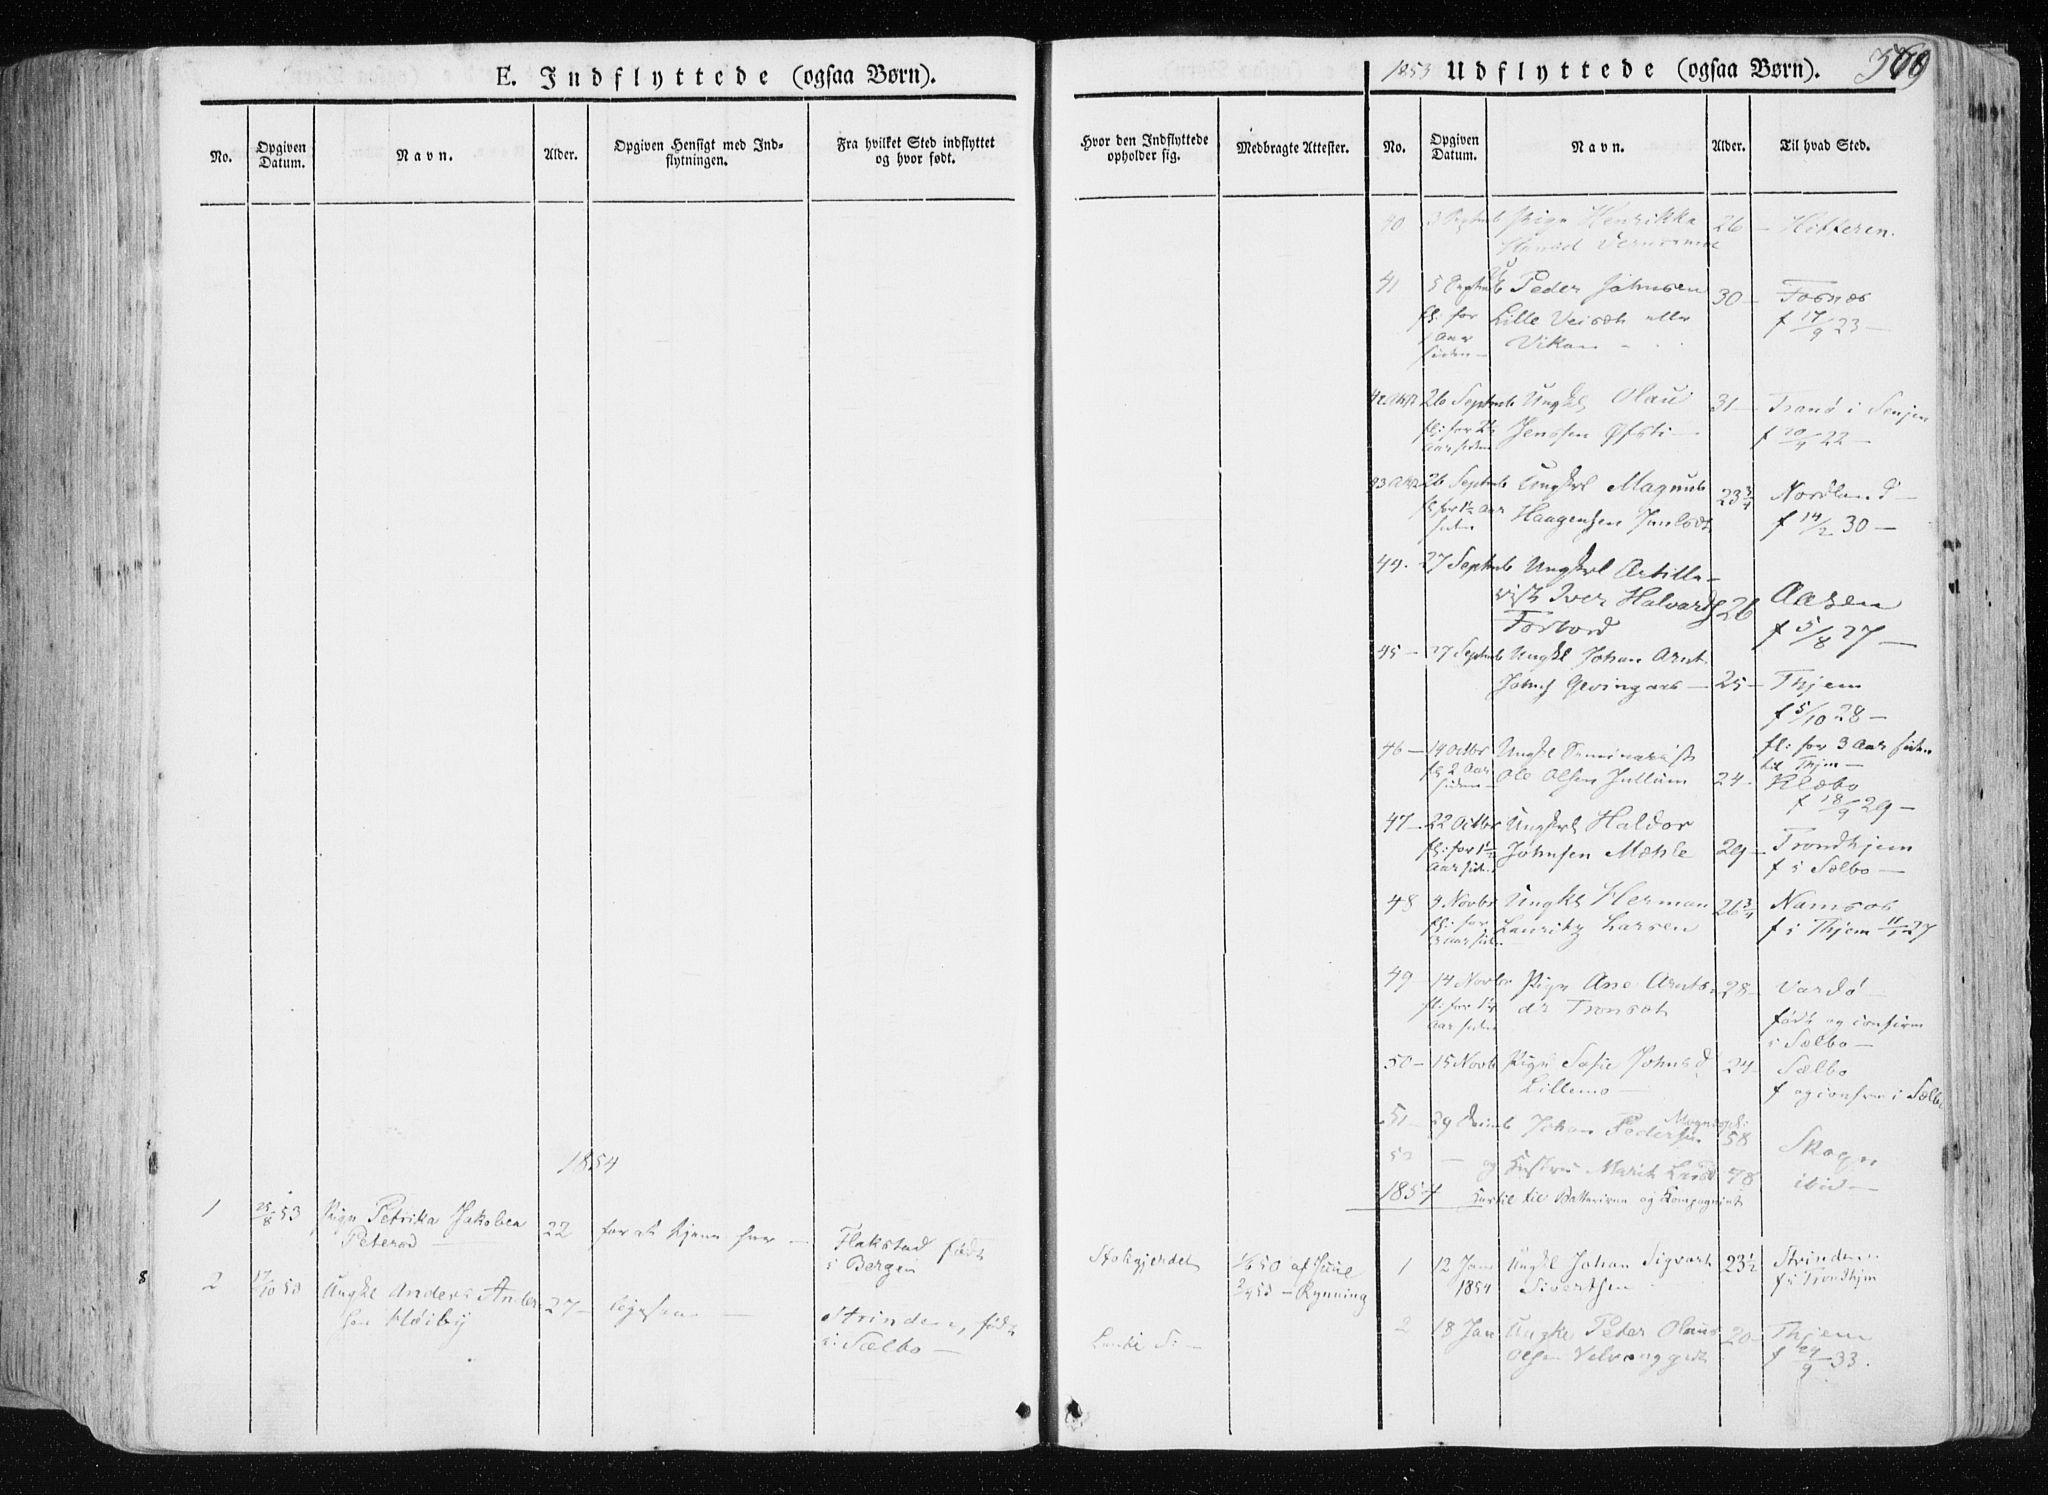 SAT, Ministerialprotokoller, klokkerbøker og fødselsregistre - Nord-Trøndelag, 709/L0074: Ministerialbok nr. 709A14, 1845-1858, s. 569